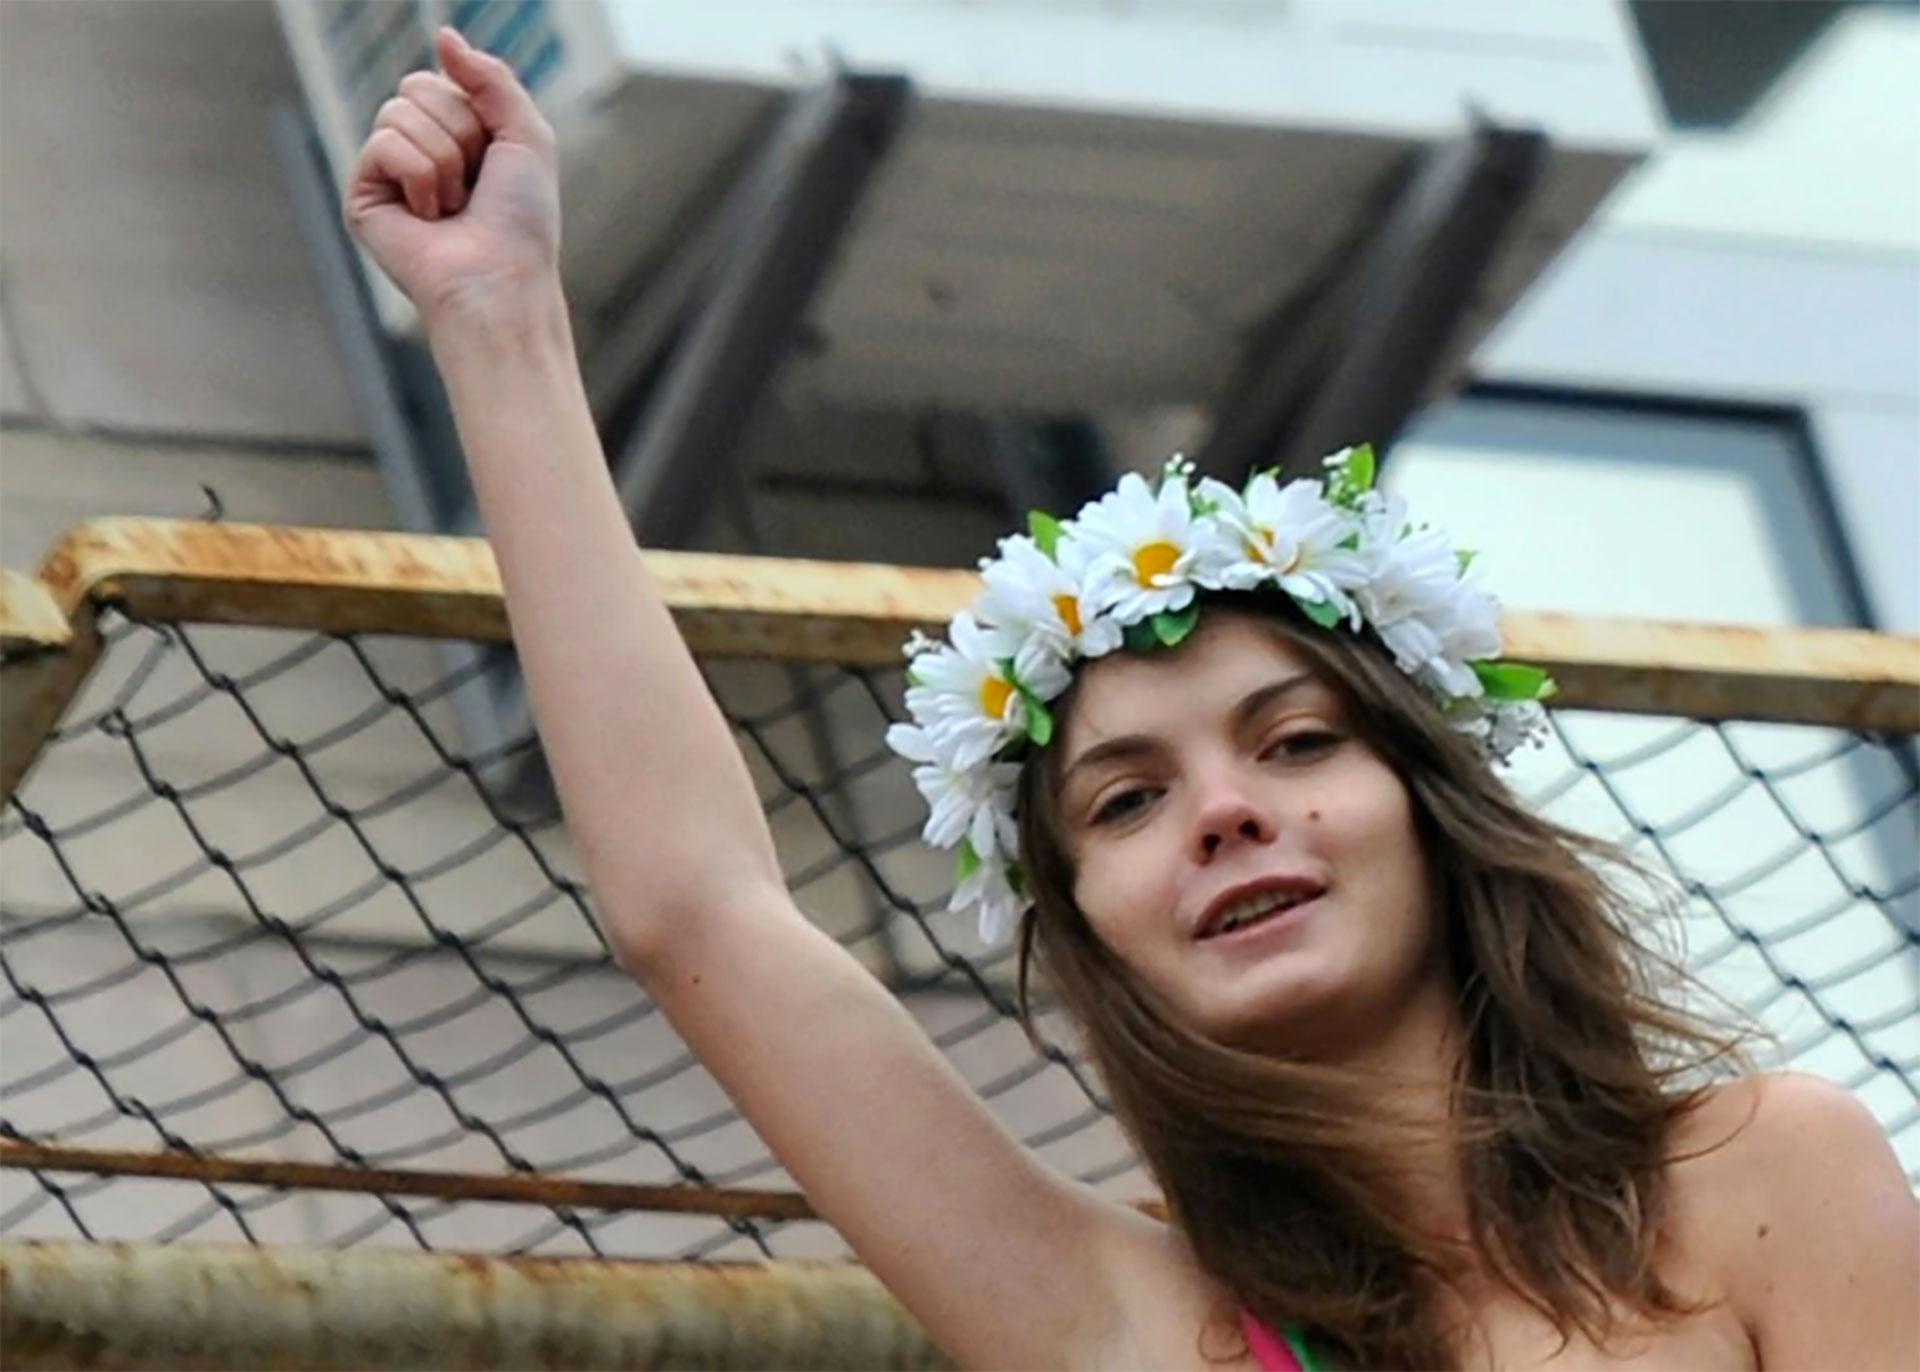 Una de las fundadoras del grupo feminista Femen, fue hallada muerta en su apartamento en París. Exiliada en Francia desde 2013, la joven ucraniana de 31 años había abandonado el grupo y se dedicaba a pintar. (Foto: Instagram)